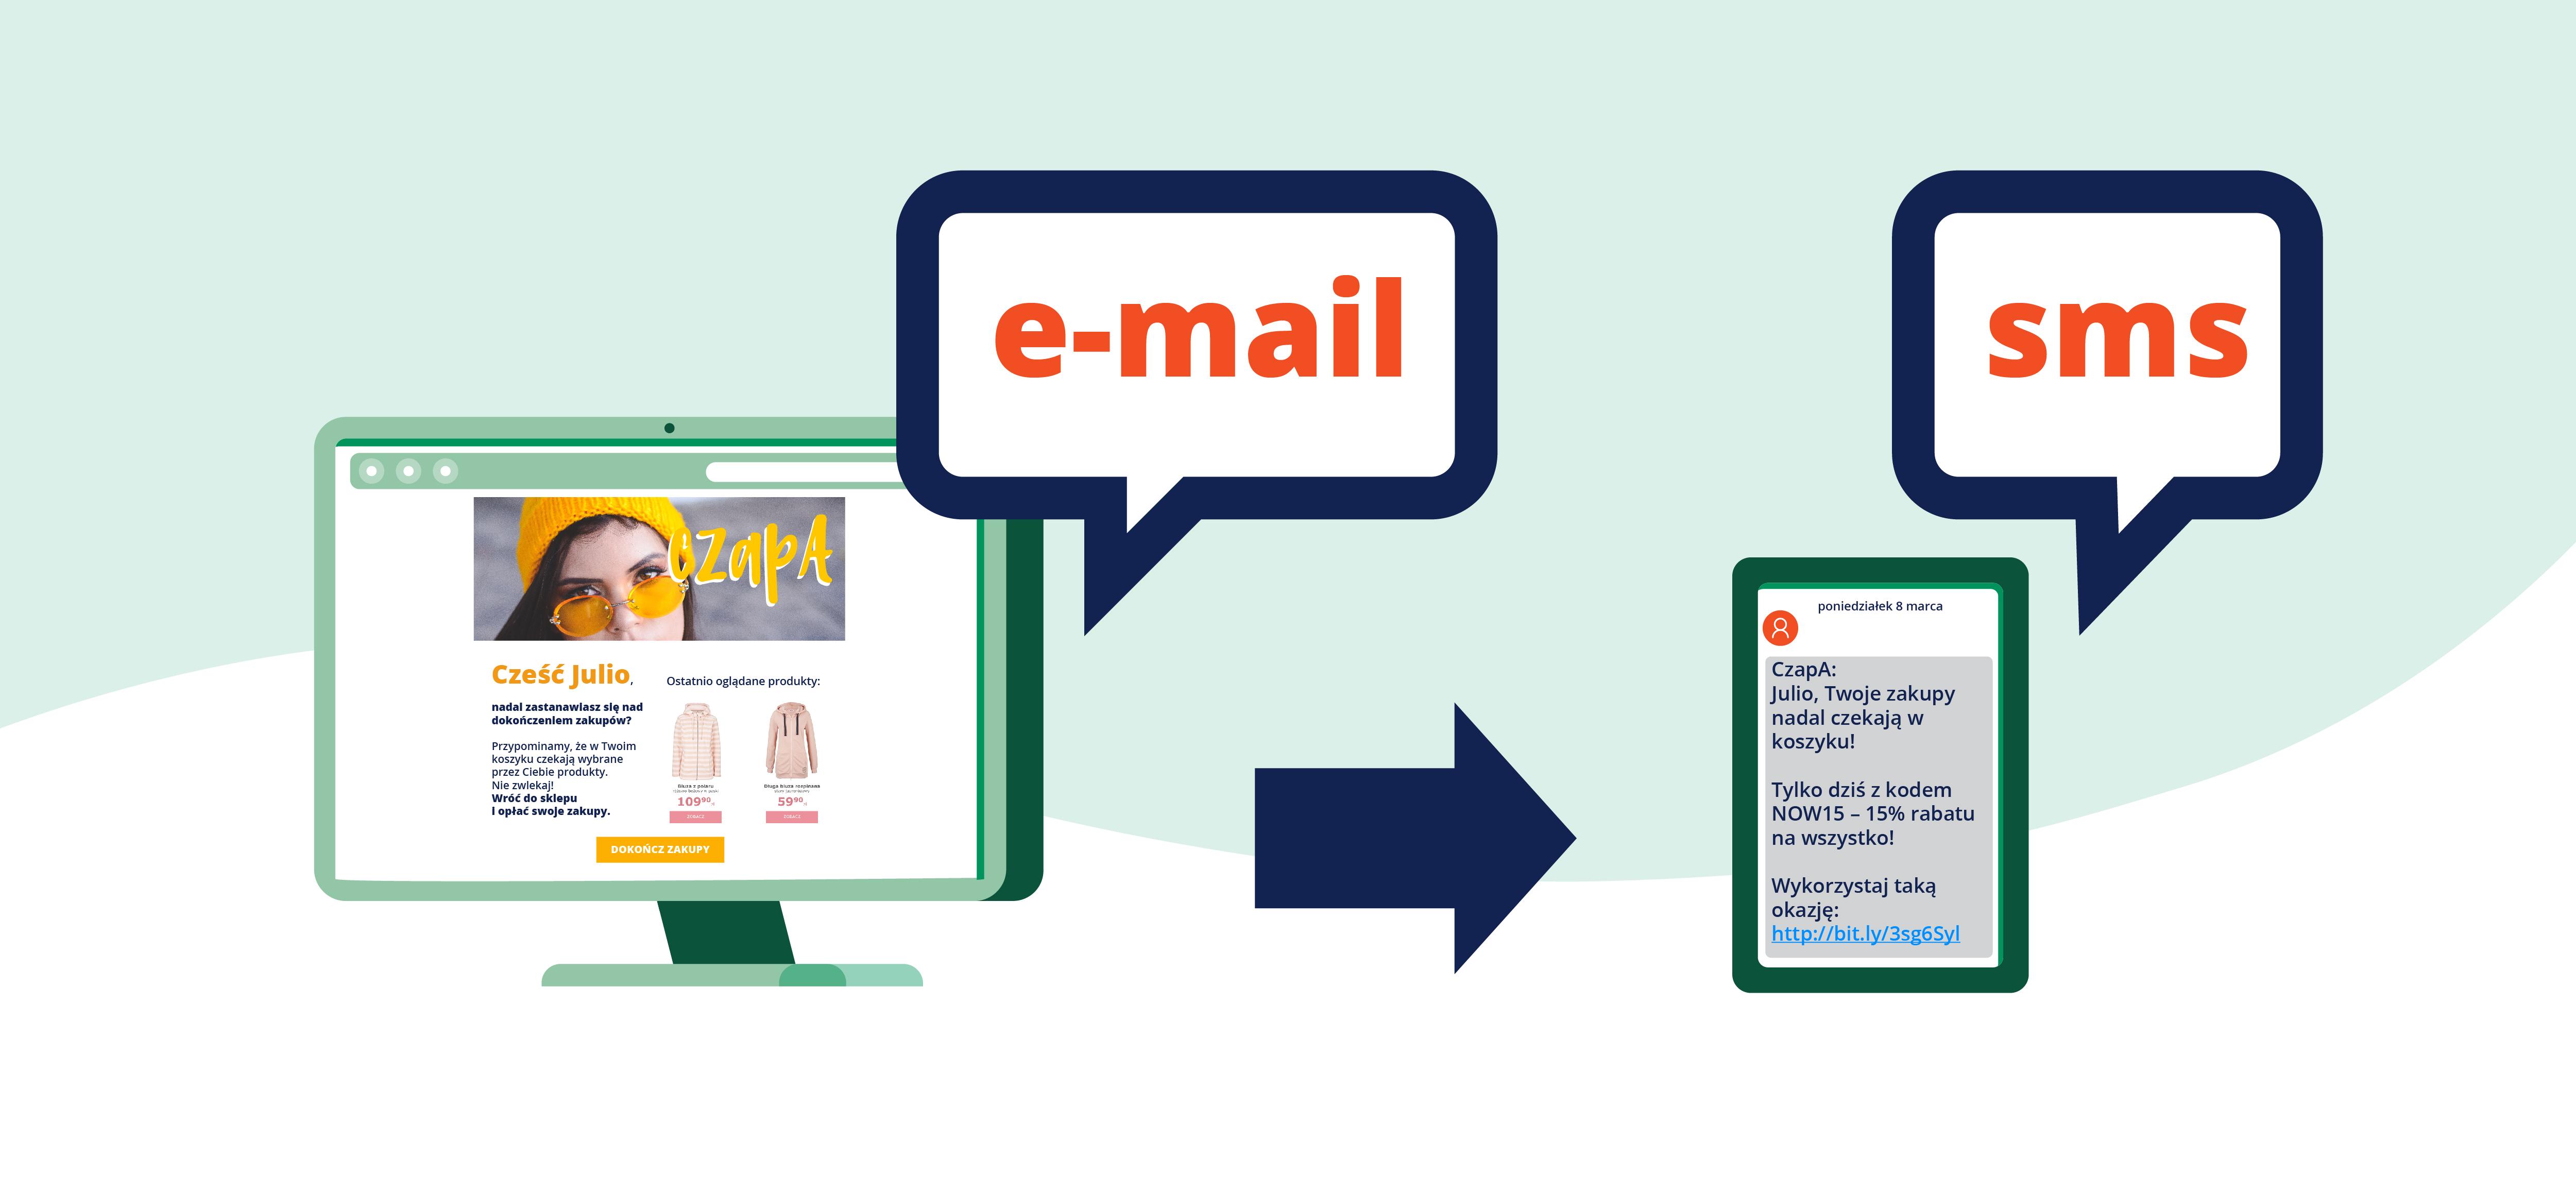 Email sms marketing - przykład